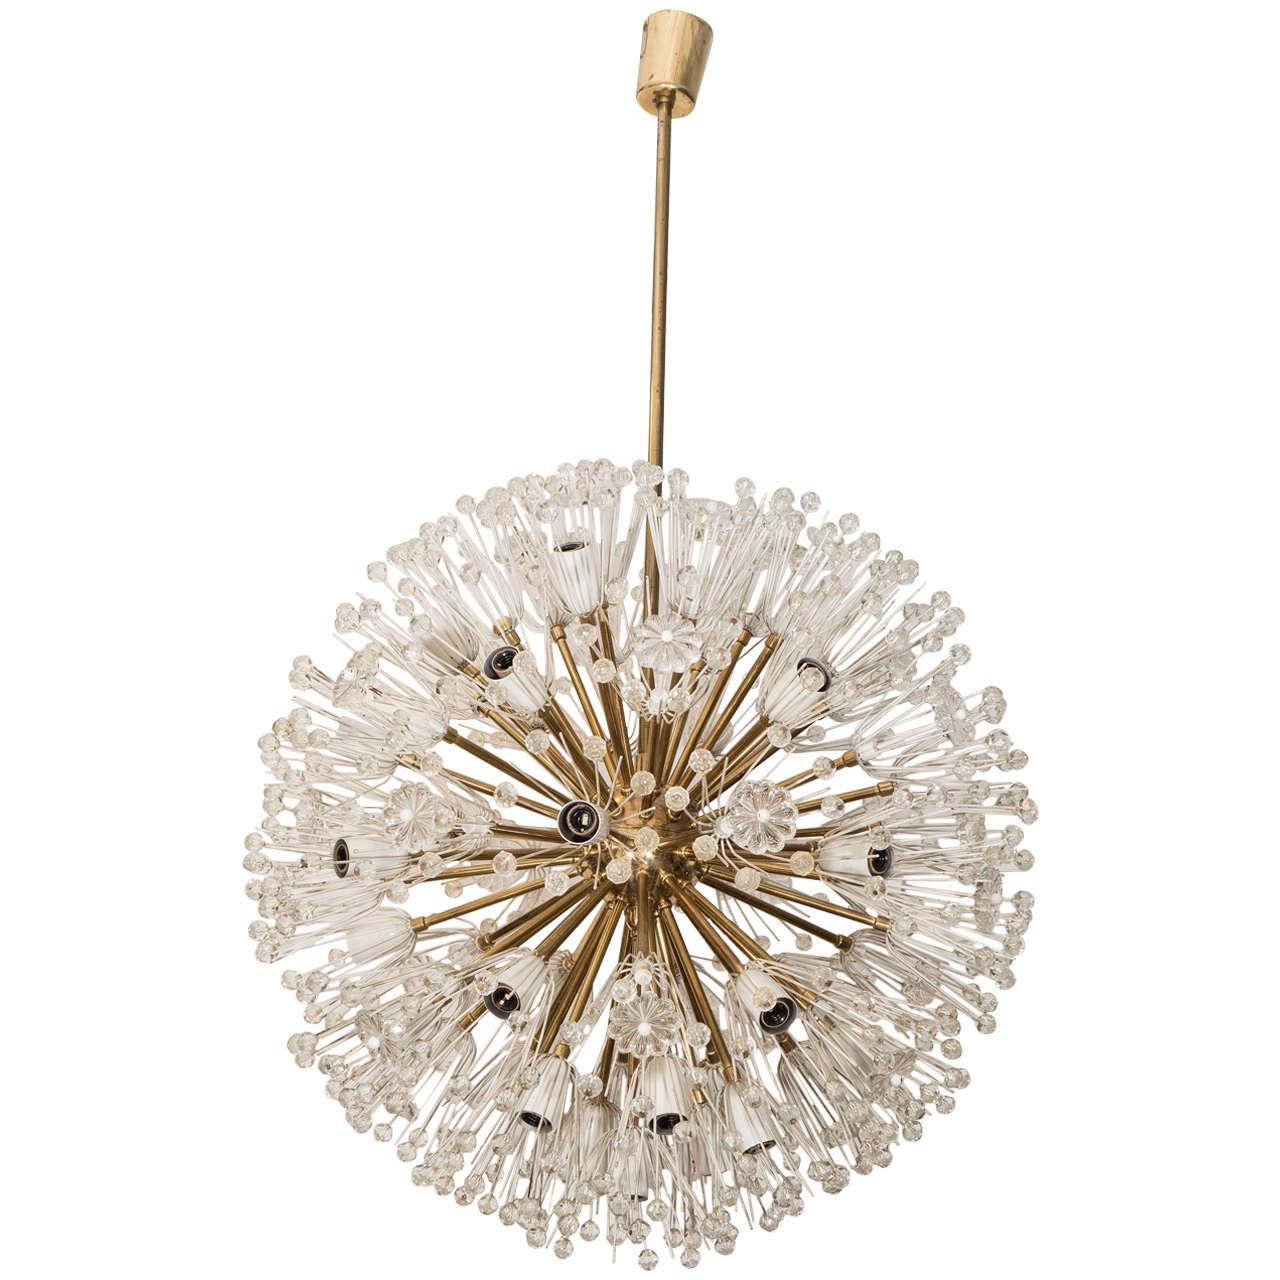 An emil stejnar large sputnik chandelier at 1stdibs for Sputnik chandelier